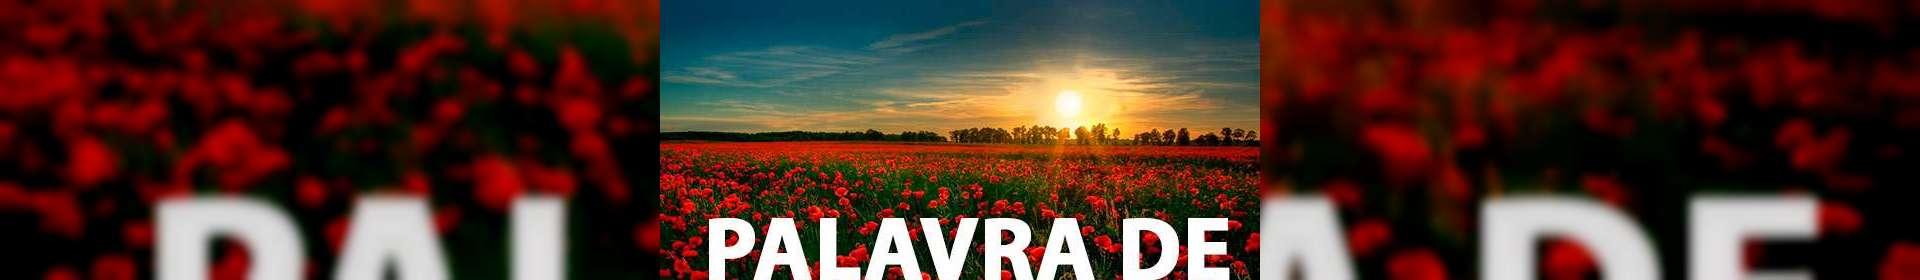 Salmos 139:1-4 - Uma Palavra de Esperança para sua vida